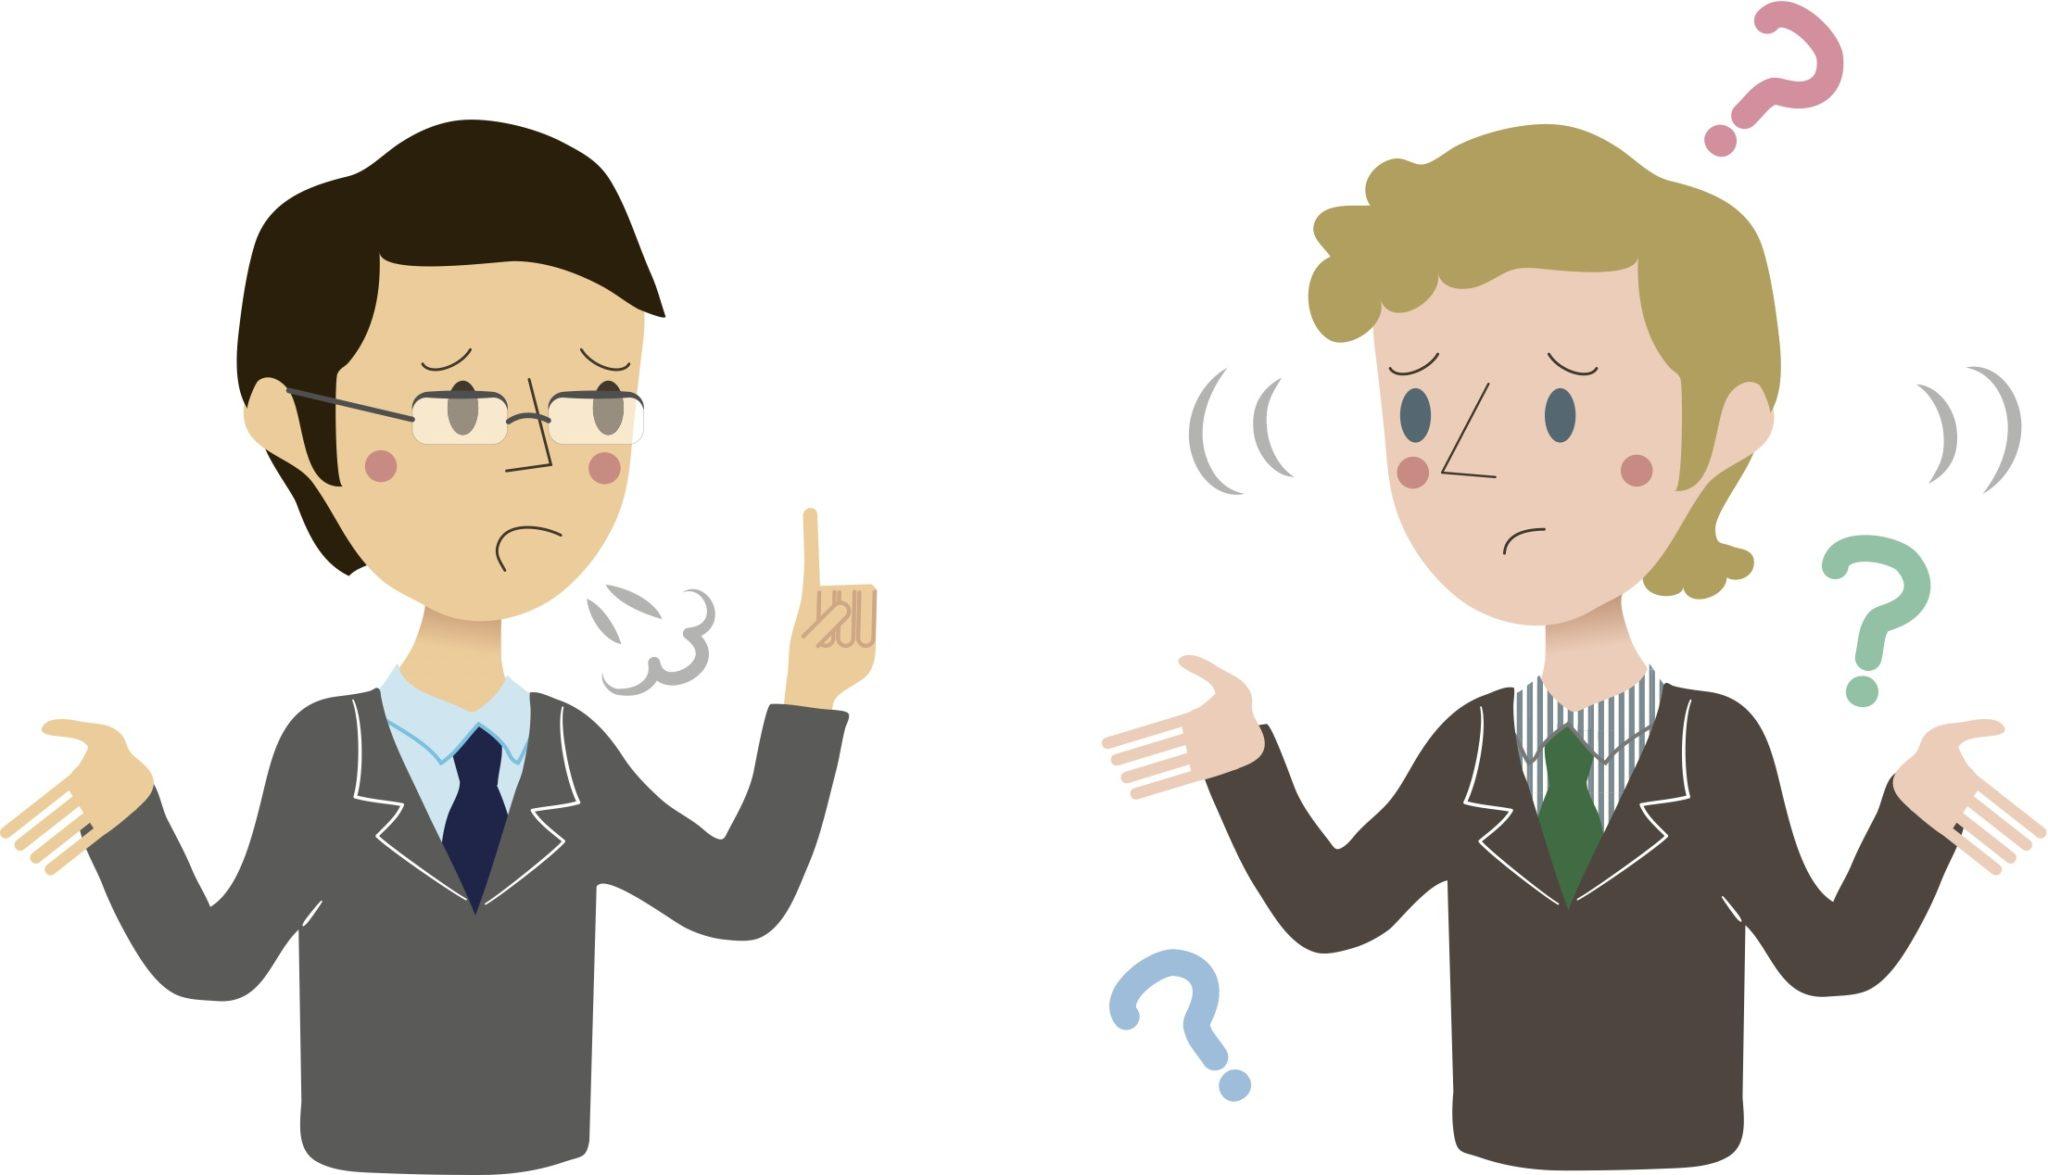 hay cai thien ky nang giao tiep 1550421108 SCTDX6 - Kỹ năng giao tiếp đầu tư trong kinh doanh